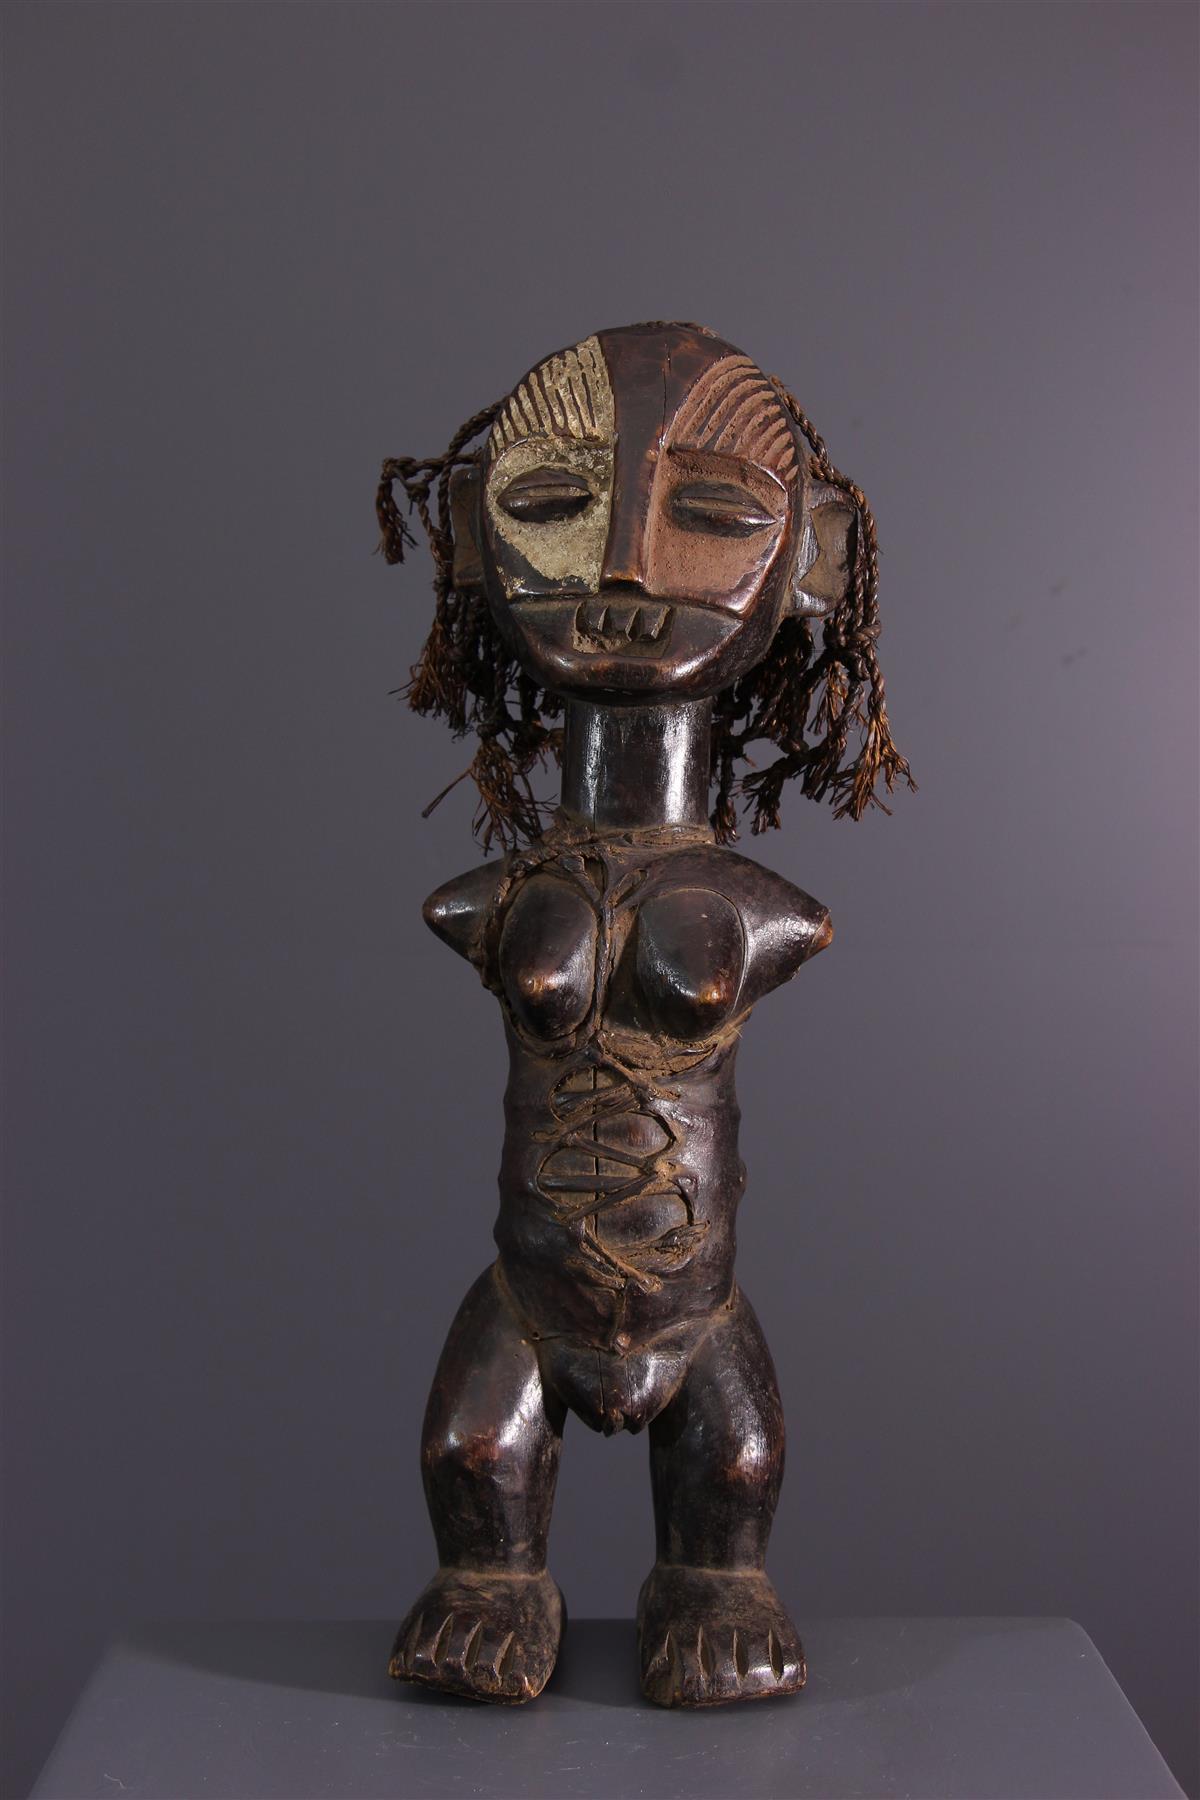 Statuette Metoko - Art tribal